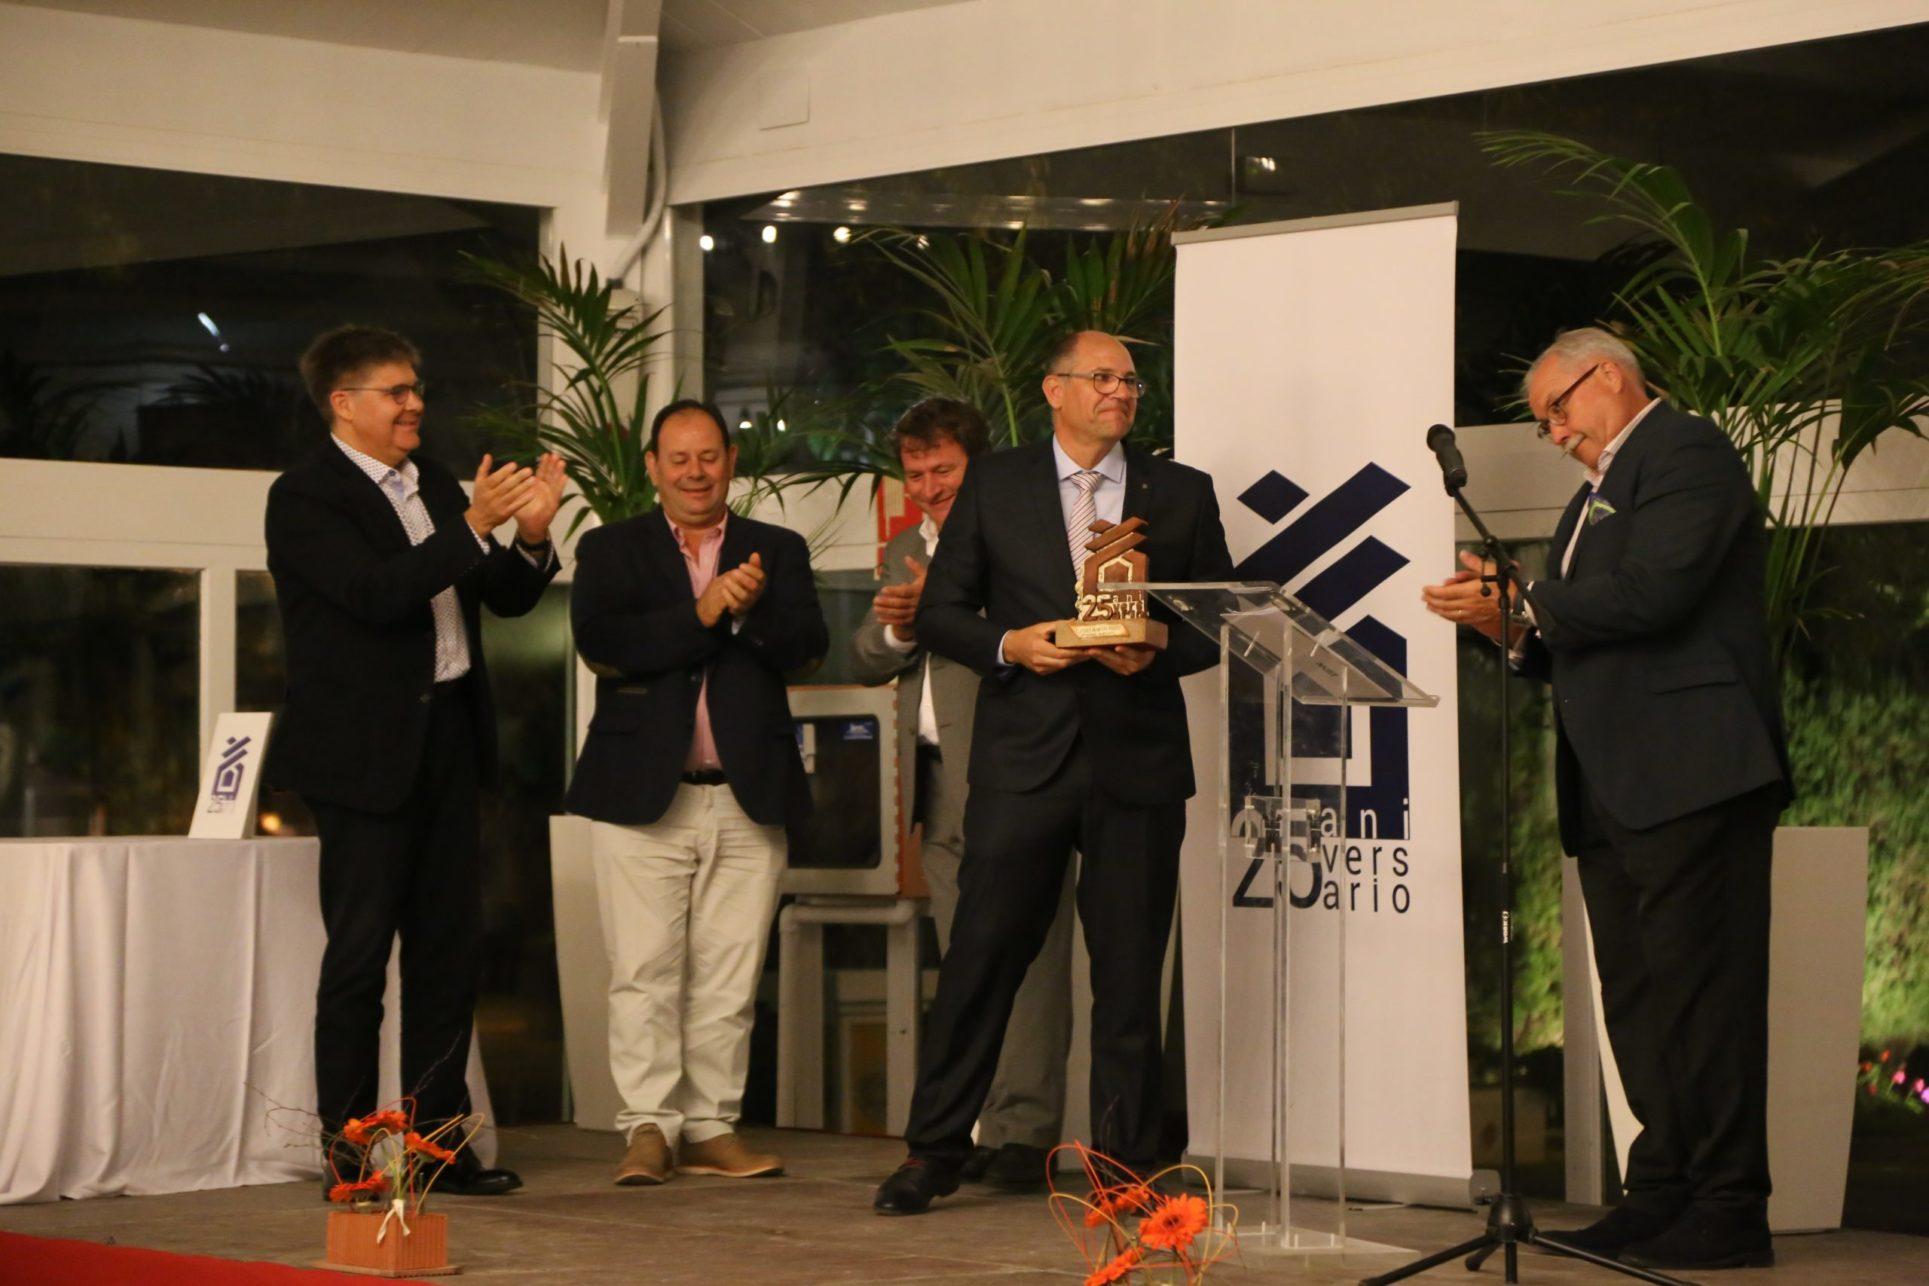 ACPVALL celebra el seu 25 aniversari El Periòdic d'Ontinyent - Noticies a Ontinyent